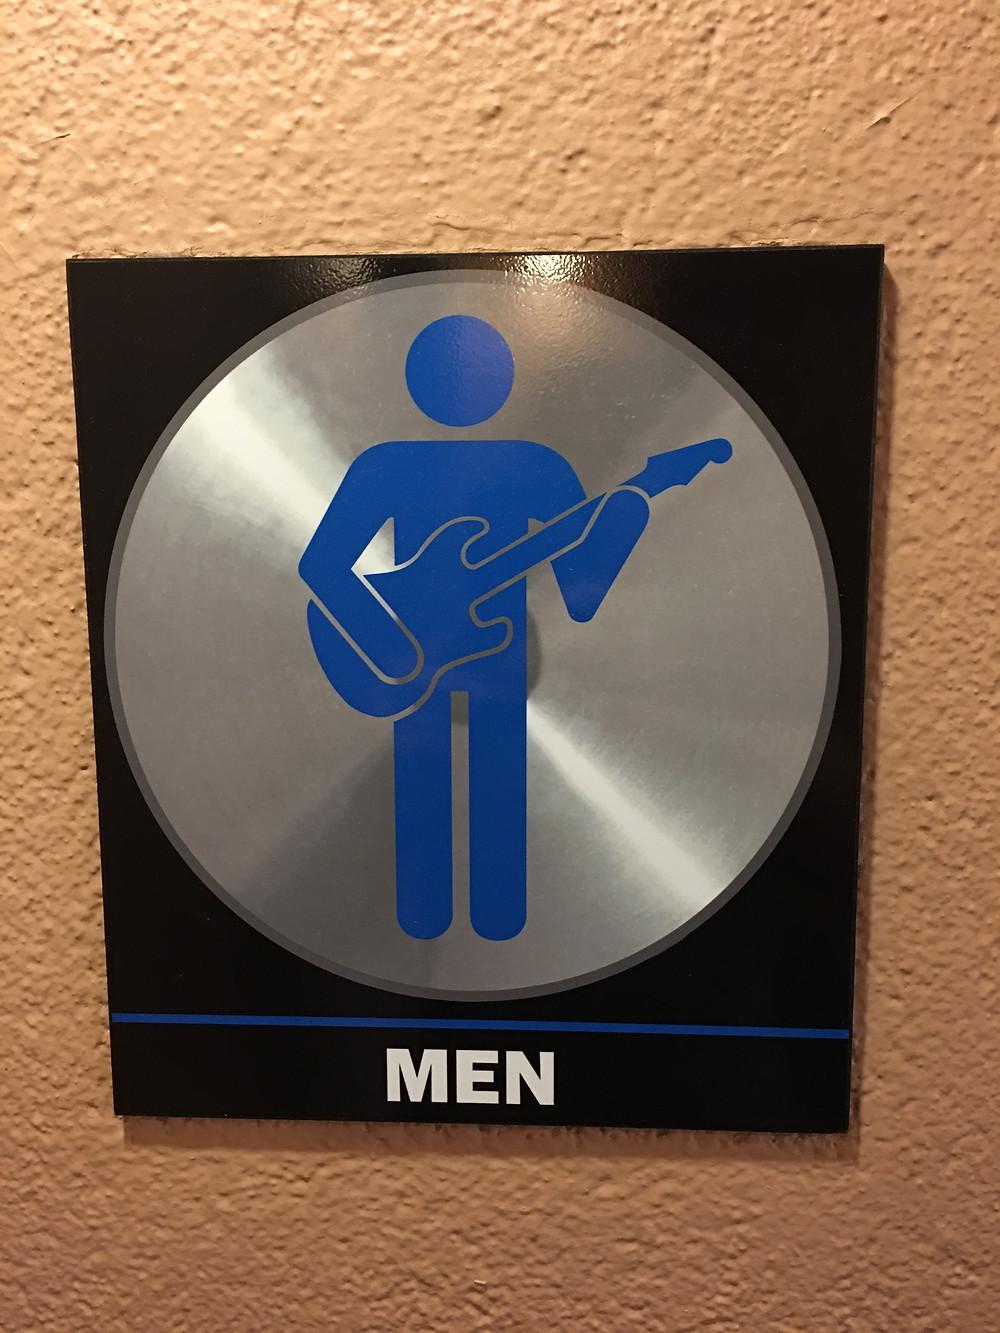 Men's Room Sign at Rock 'n' Roller Coaster Loo